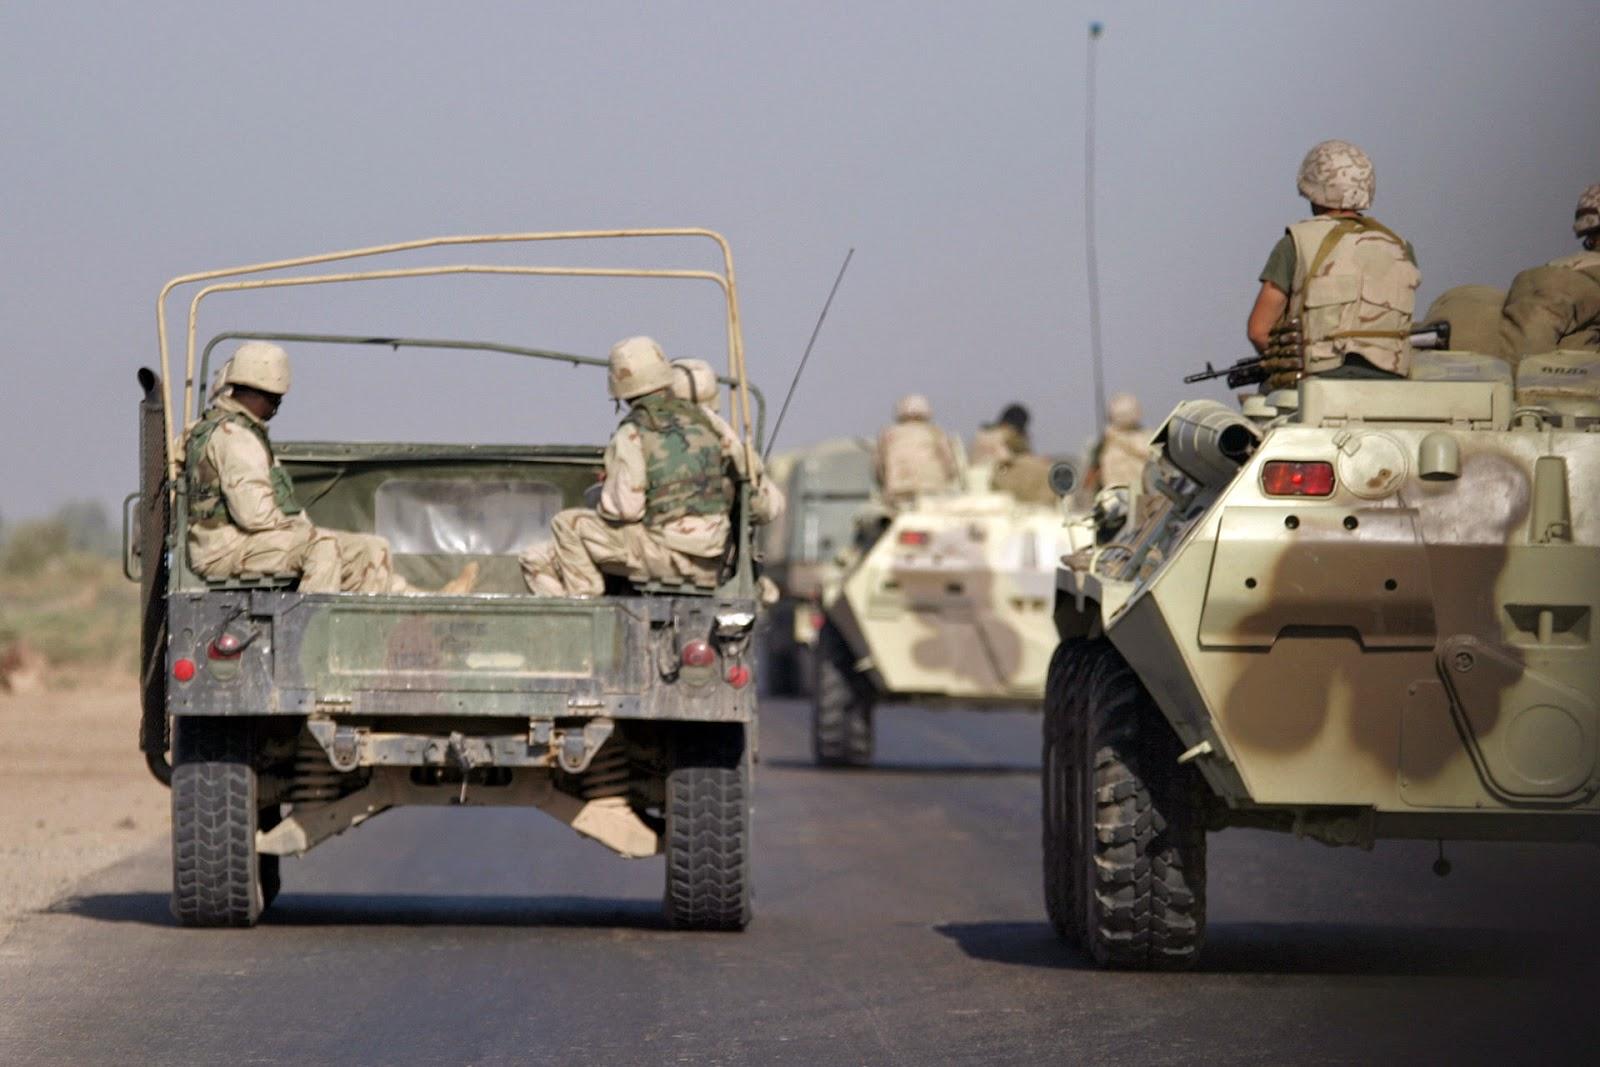 Українські військові спільно з бійцями Корпусу морської піхоти США здійснюють патрулювання під час Війни в Іраку